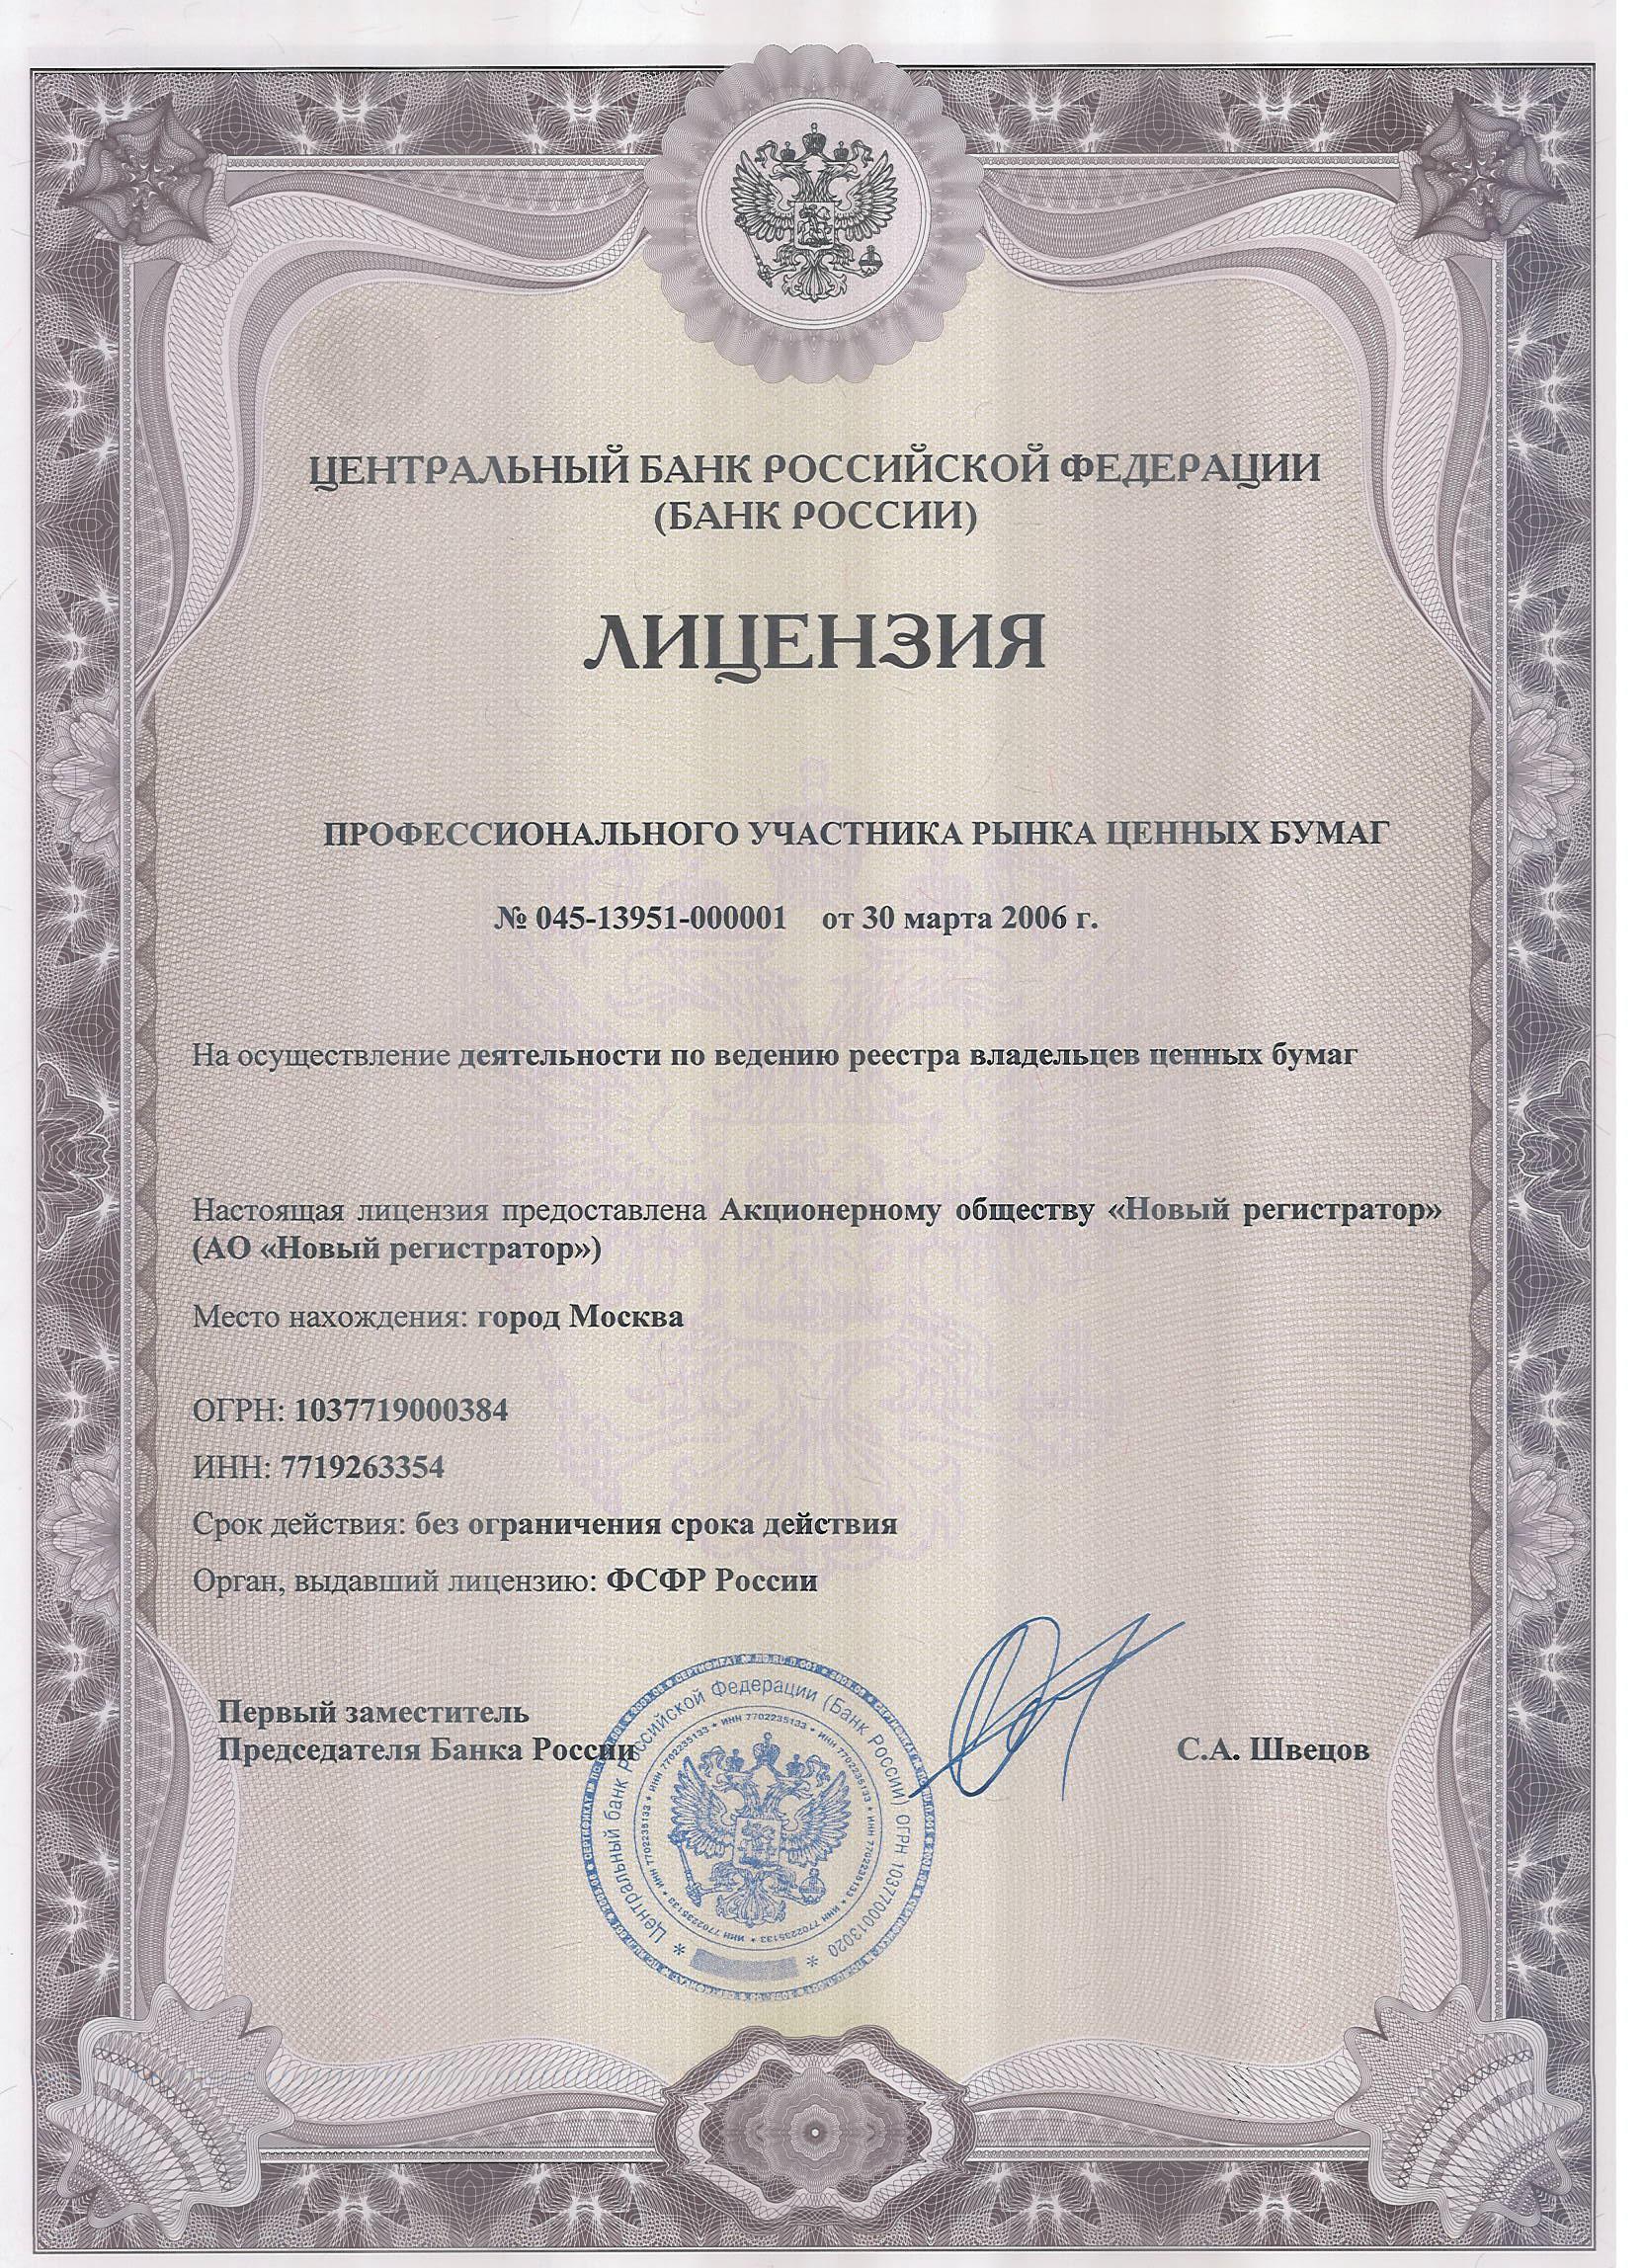 Лицензия 045-13951-000001 от 30.03.2006